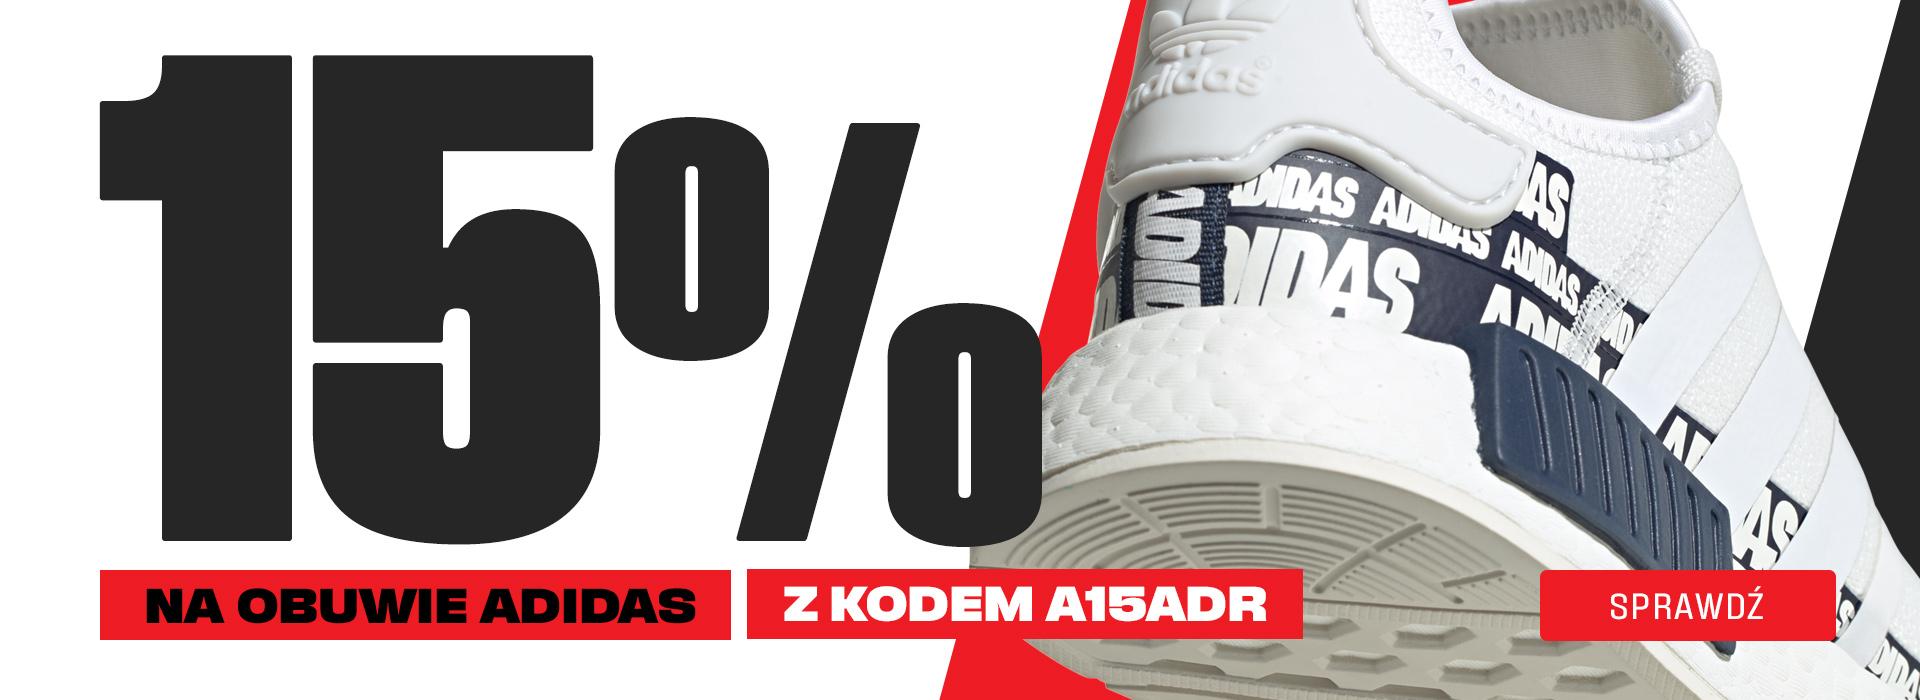 Adrenaline: 15% rabatu na odzież oraz obuwie sportowe marki Nike